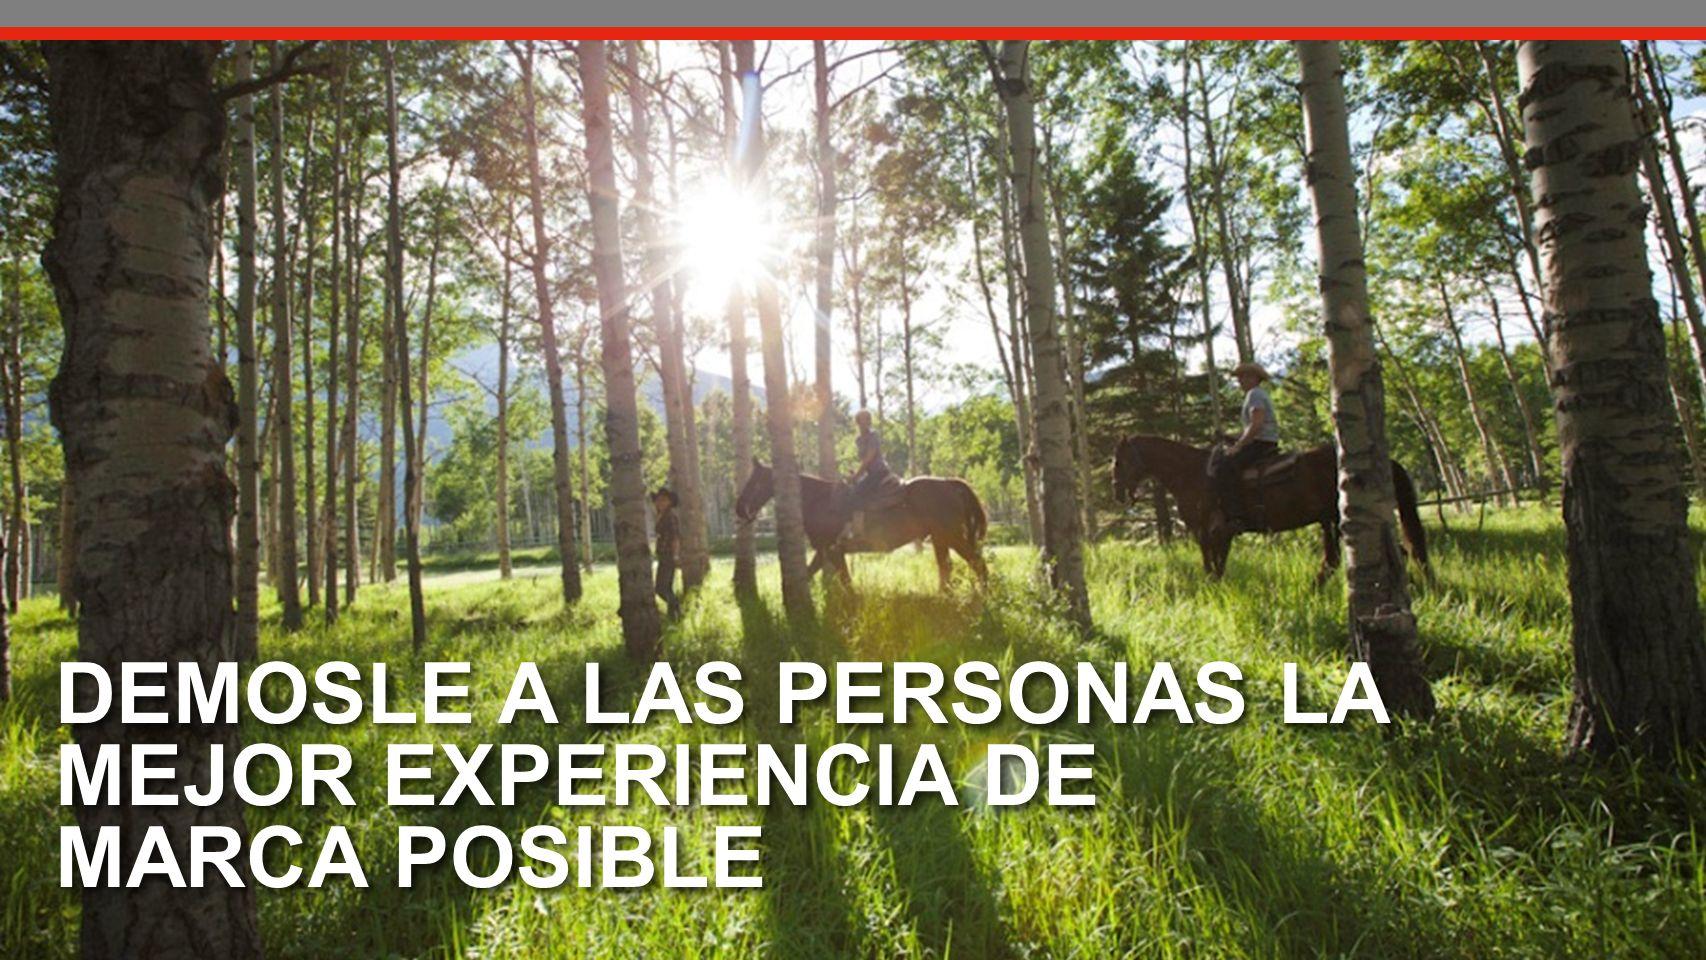 DEMOSLE A LAS PERSONAS LA MEJOR EXPERIENCIA DE MARCA POSIBLE